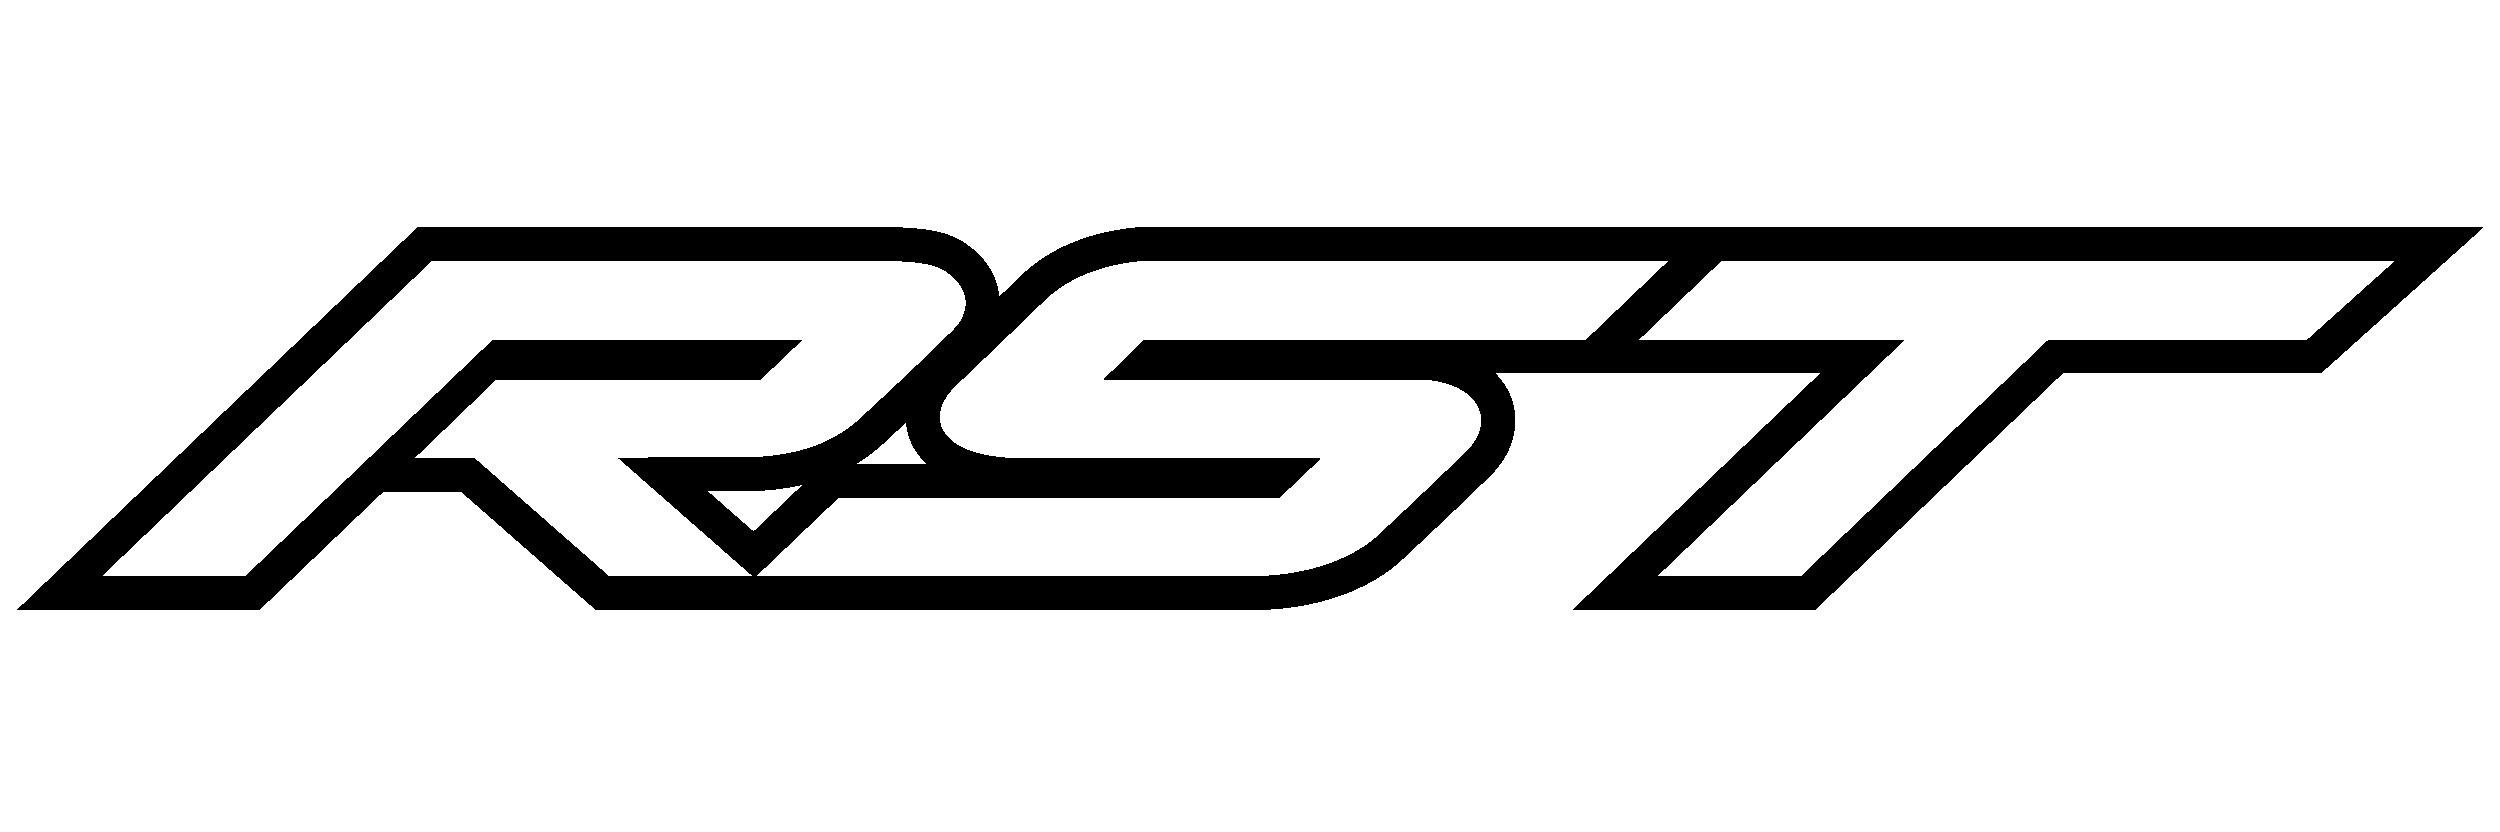 rst-logo-black-version.png